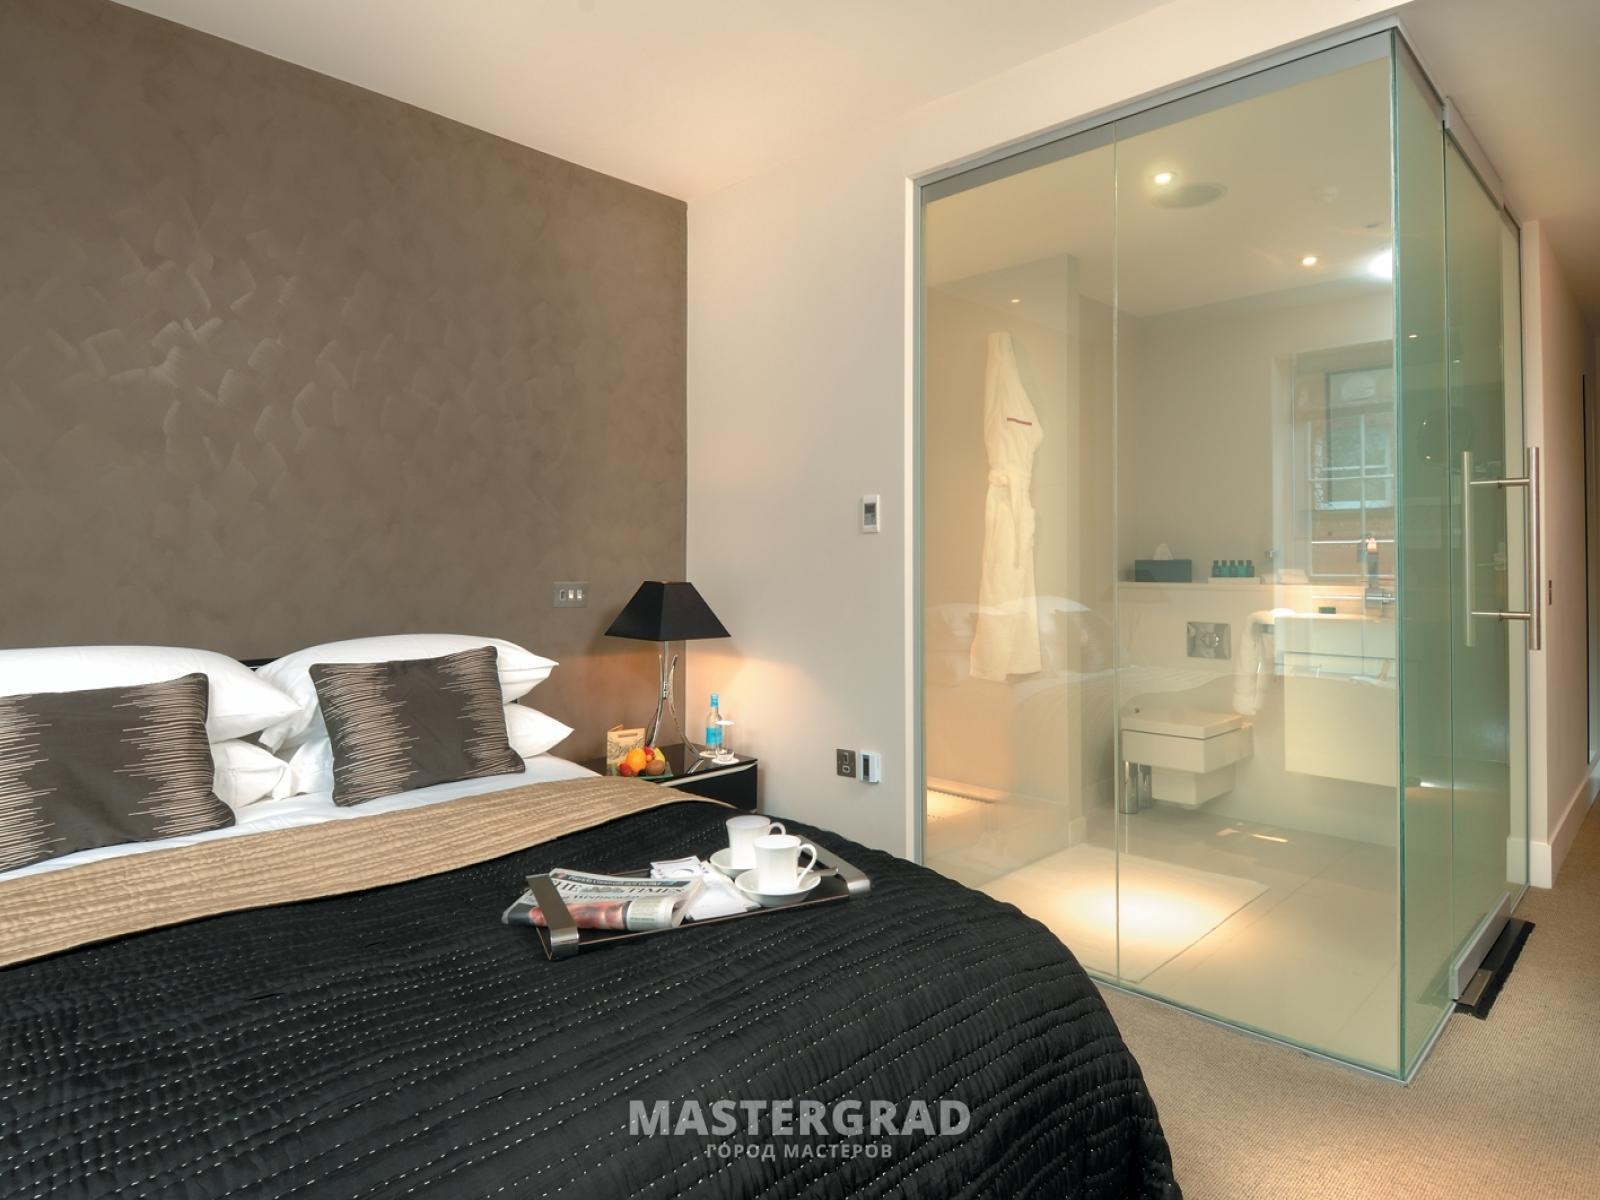 Ванная стеклянная комната Душевой уголок Vegas Glass ZS-F 100*90 07 10 профиль матовый хром, стекло сатин